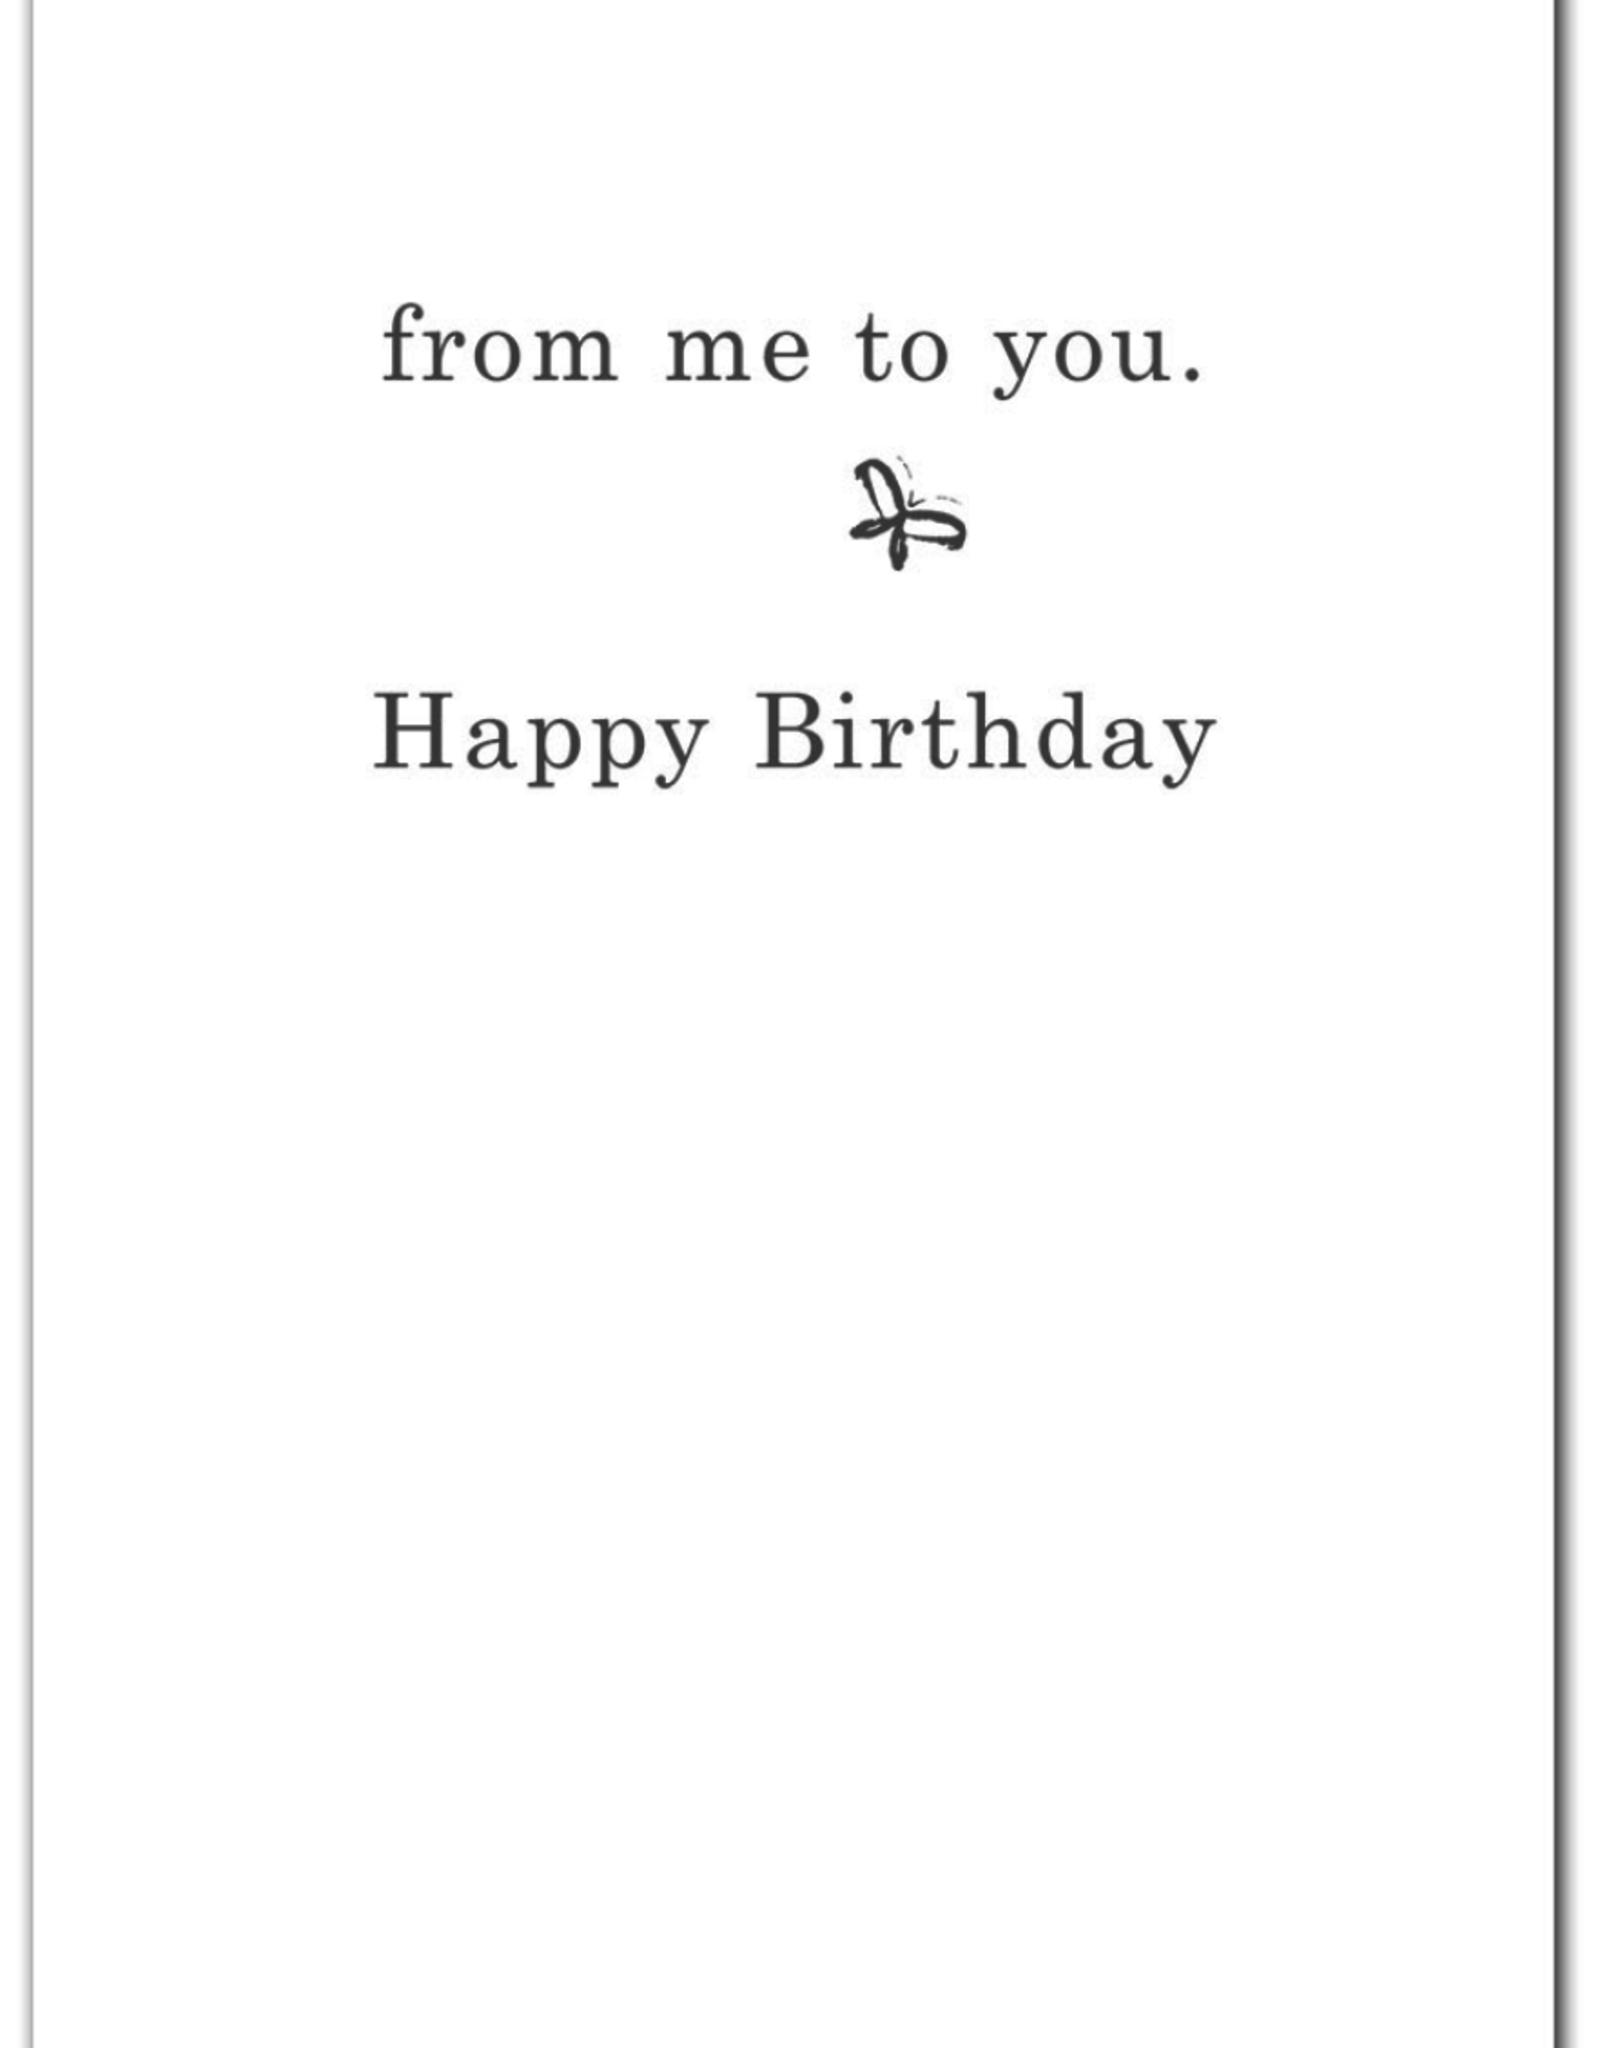 Cardthartic - Bear Hug Birthday Card